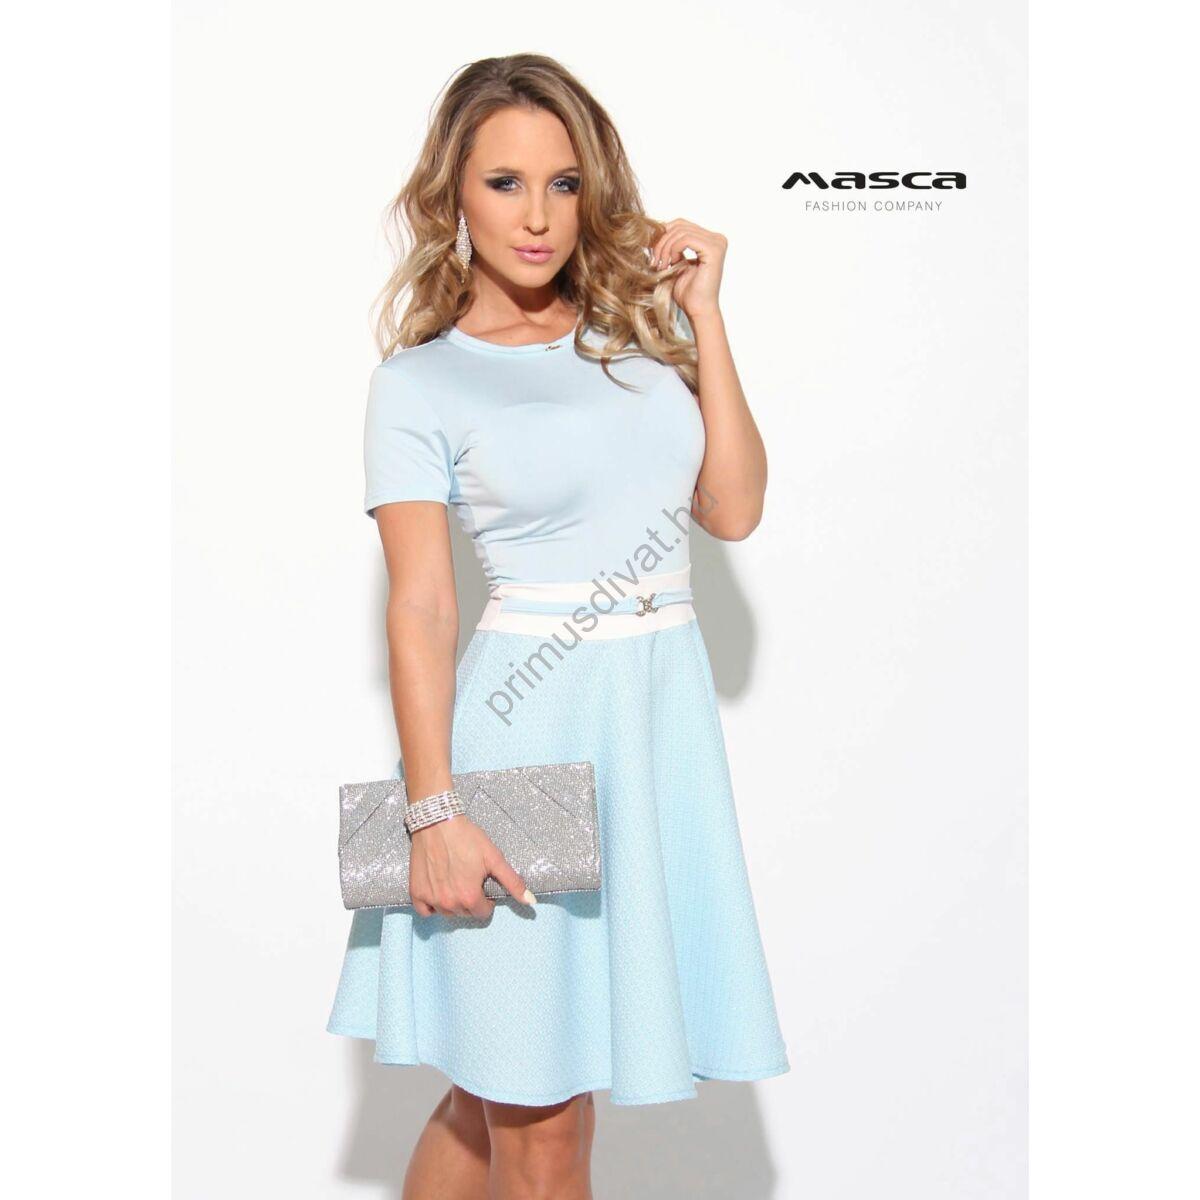 390c3ed8213b Kép 1/1 - Masca Fashion loknis szoknyarészű, rövid ujjú világoskék  miniruha, ékszerkapcsos övpánttal